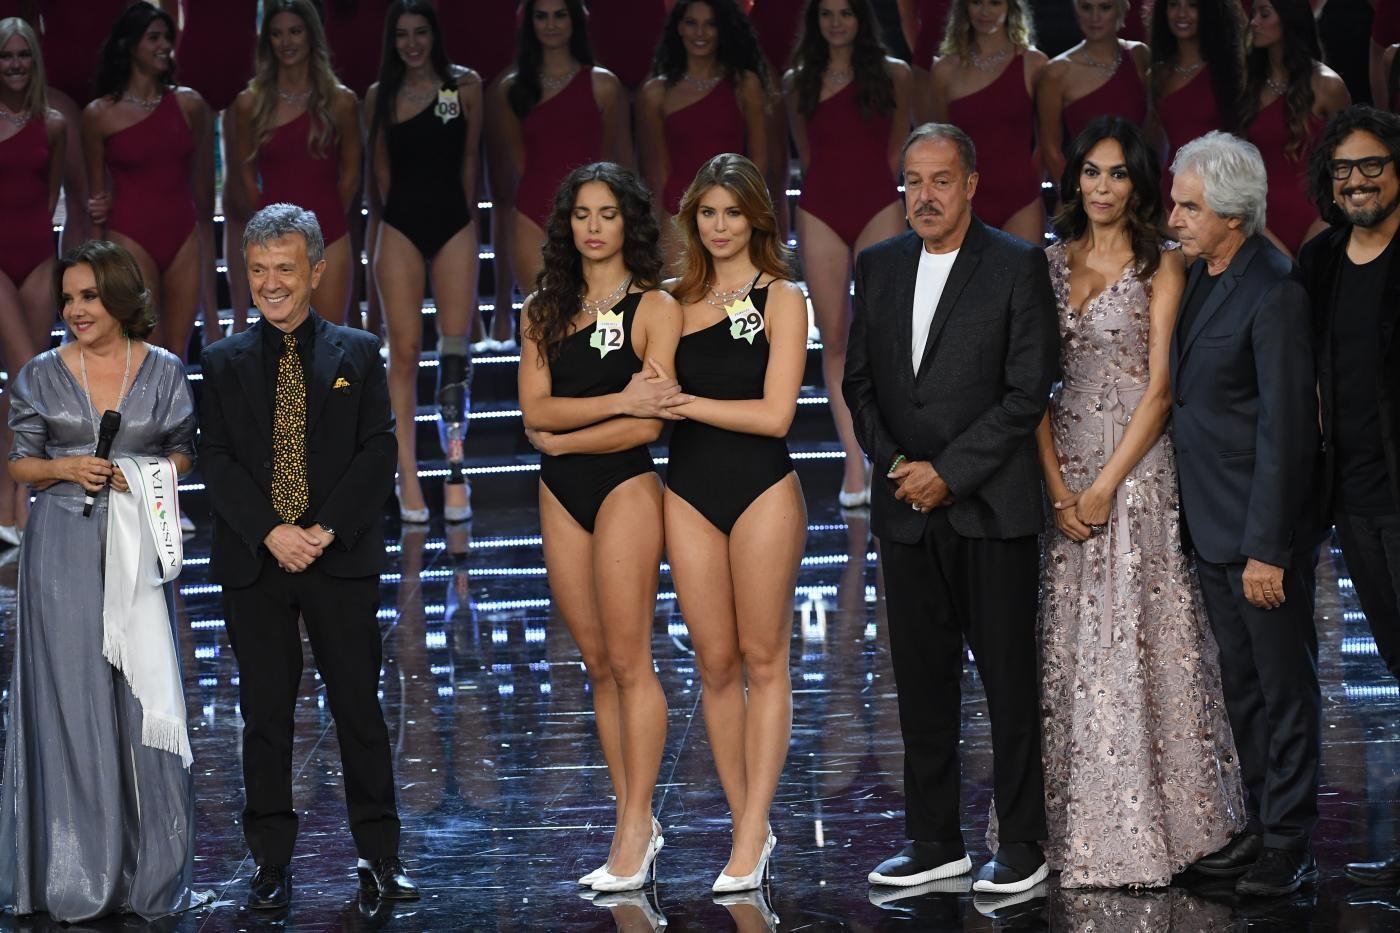 Miss italia 2018 è Carlotta Maggiorana: il momento dell'incoronazione